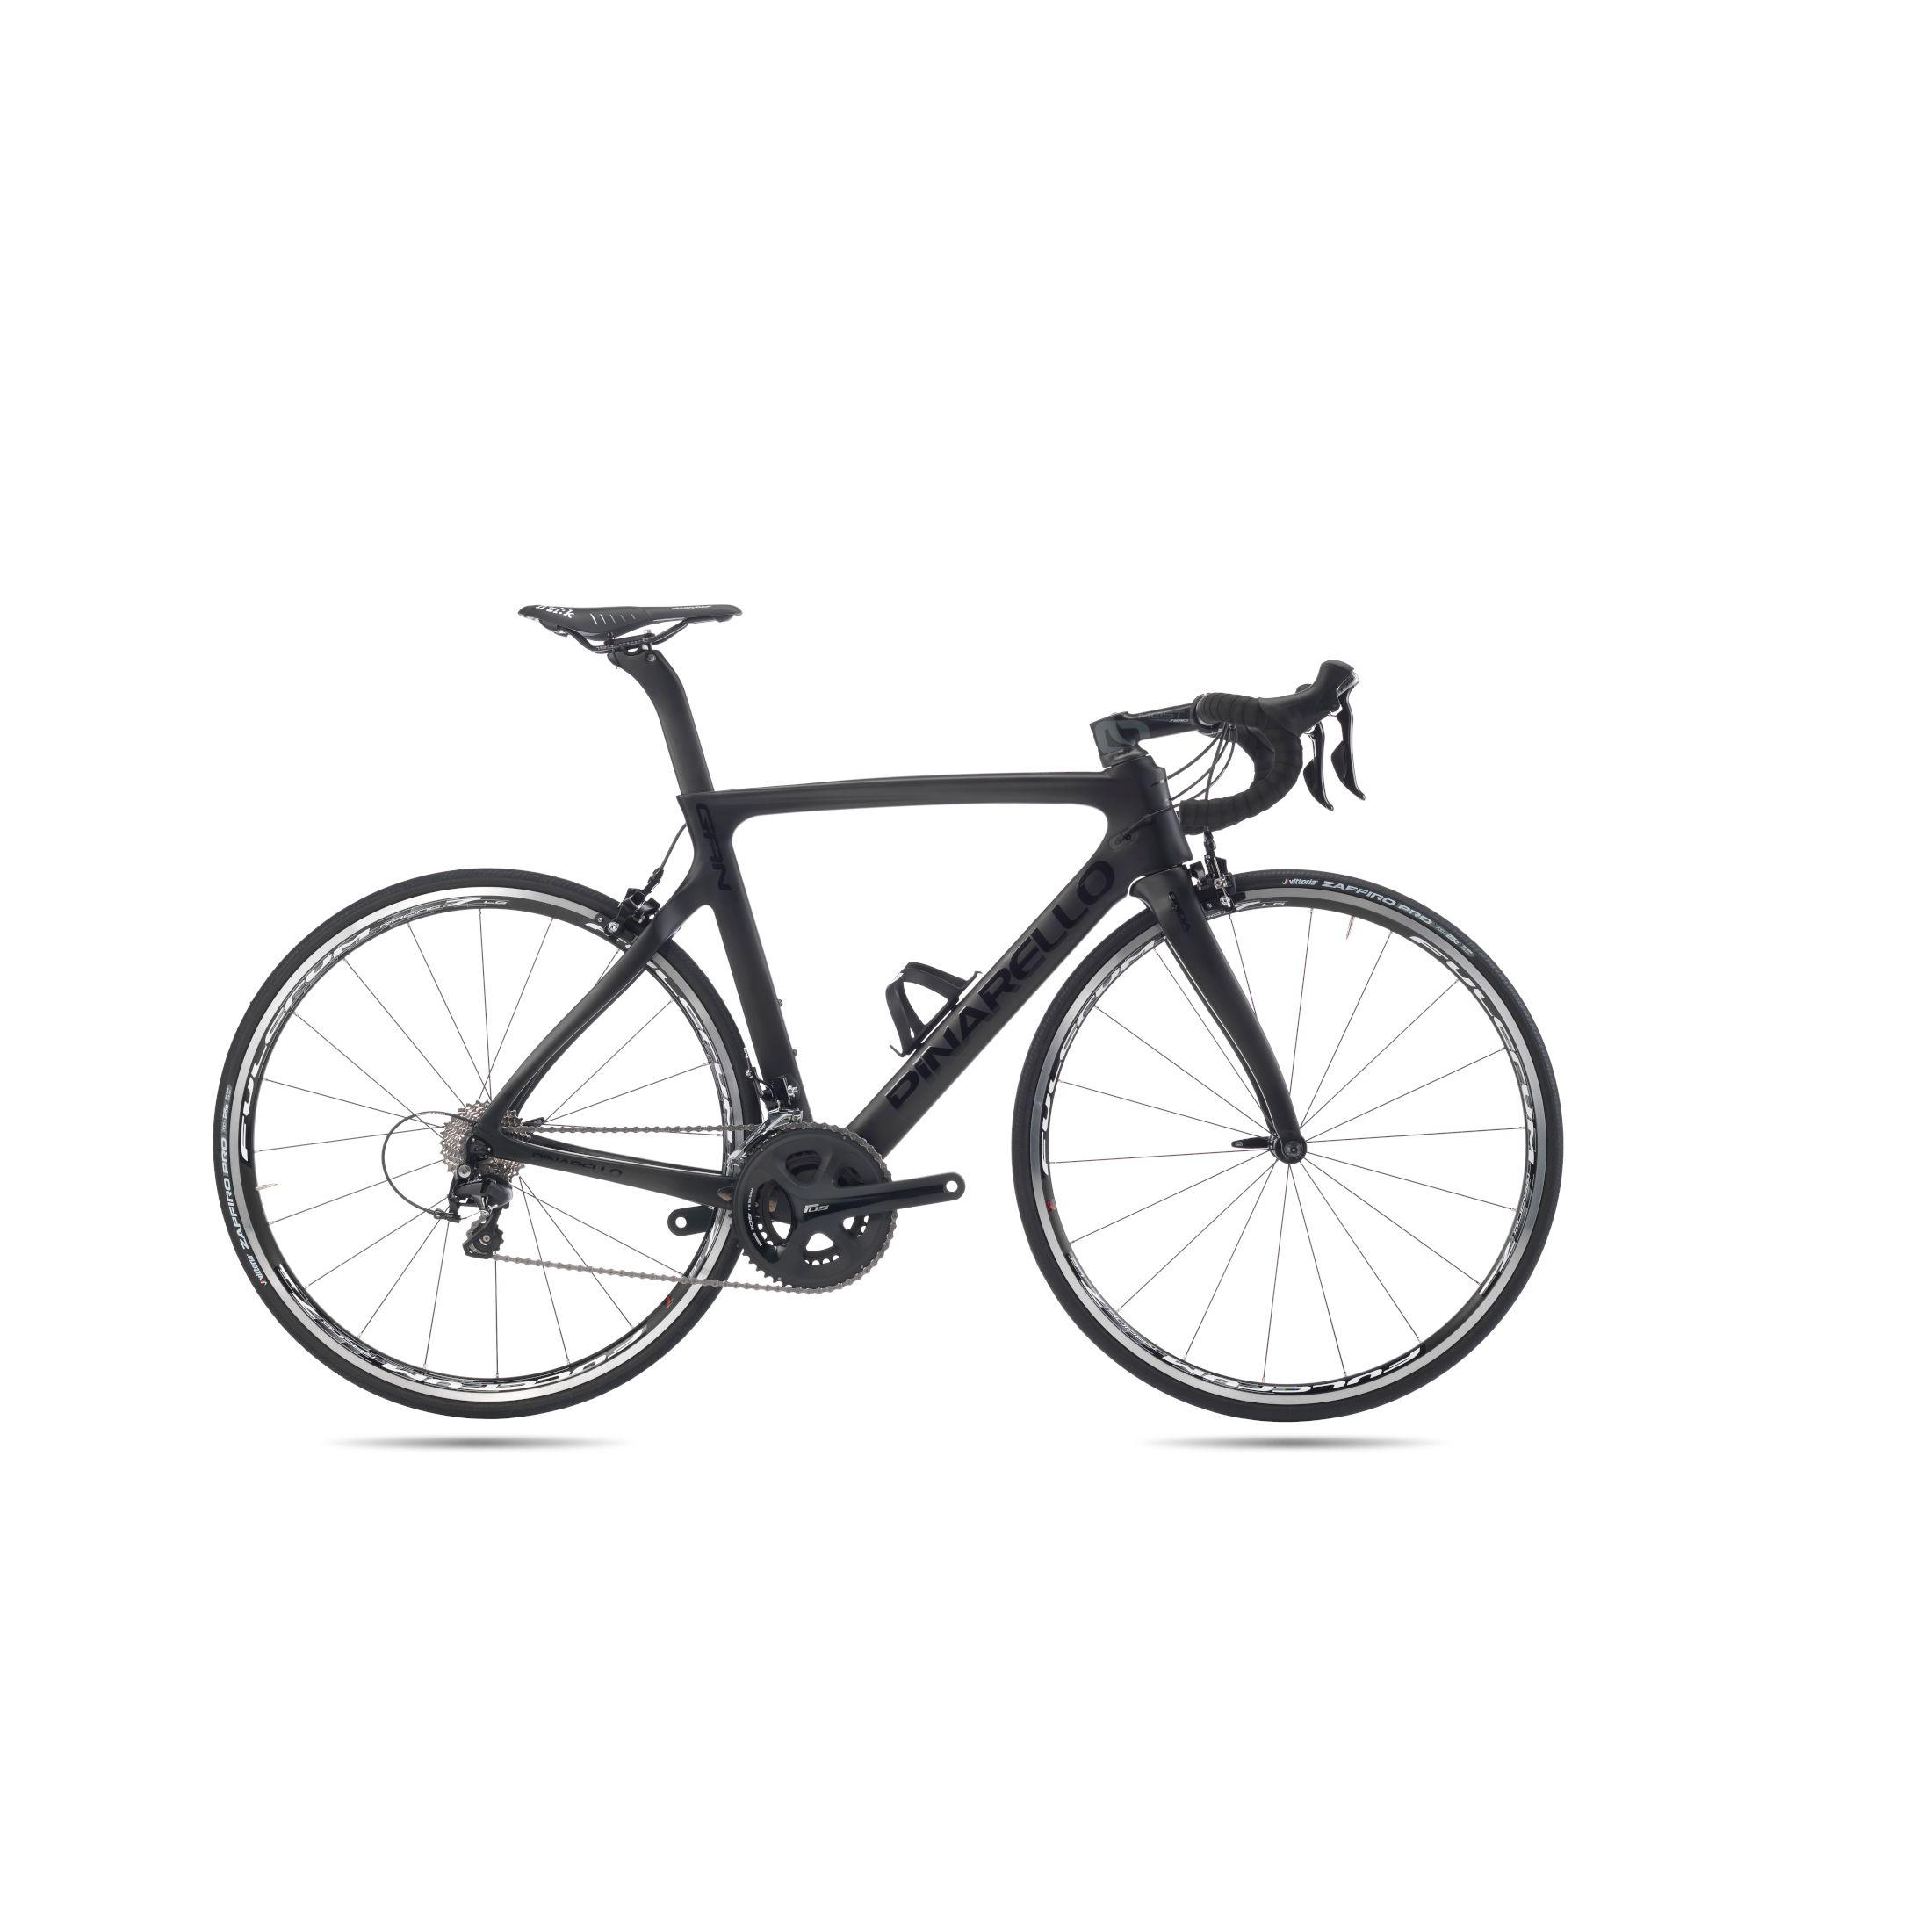 Bicicleta Pinarello de Ruta Modelo Gan 105 LC 2019_73946